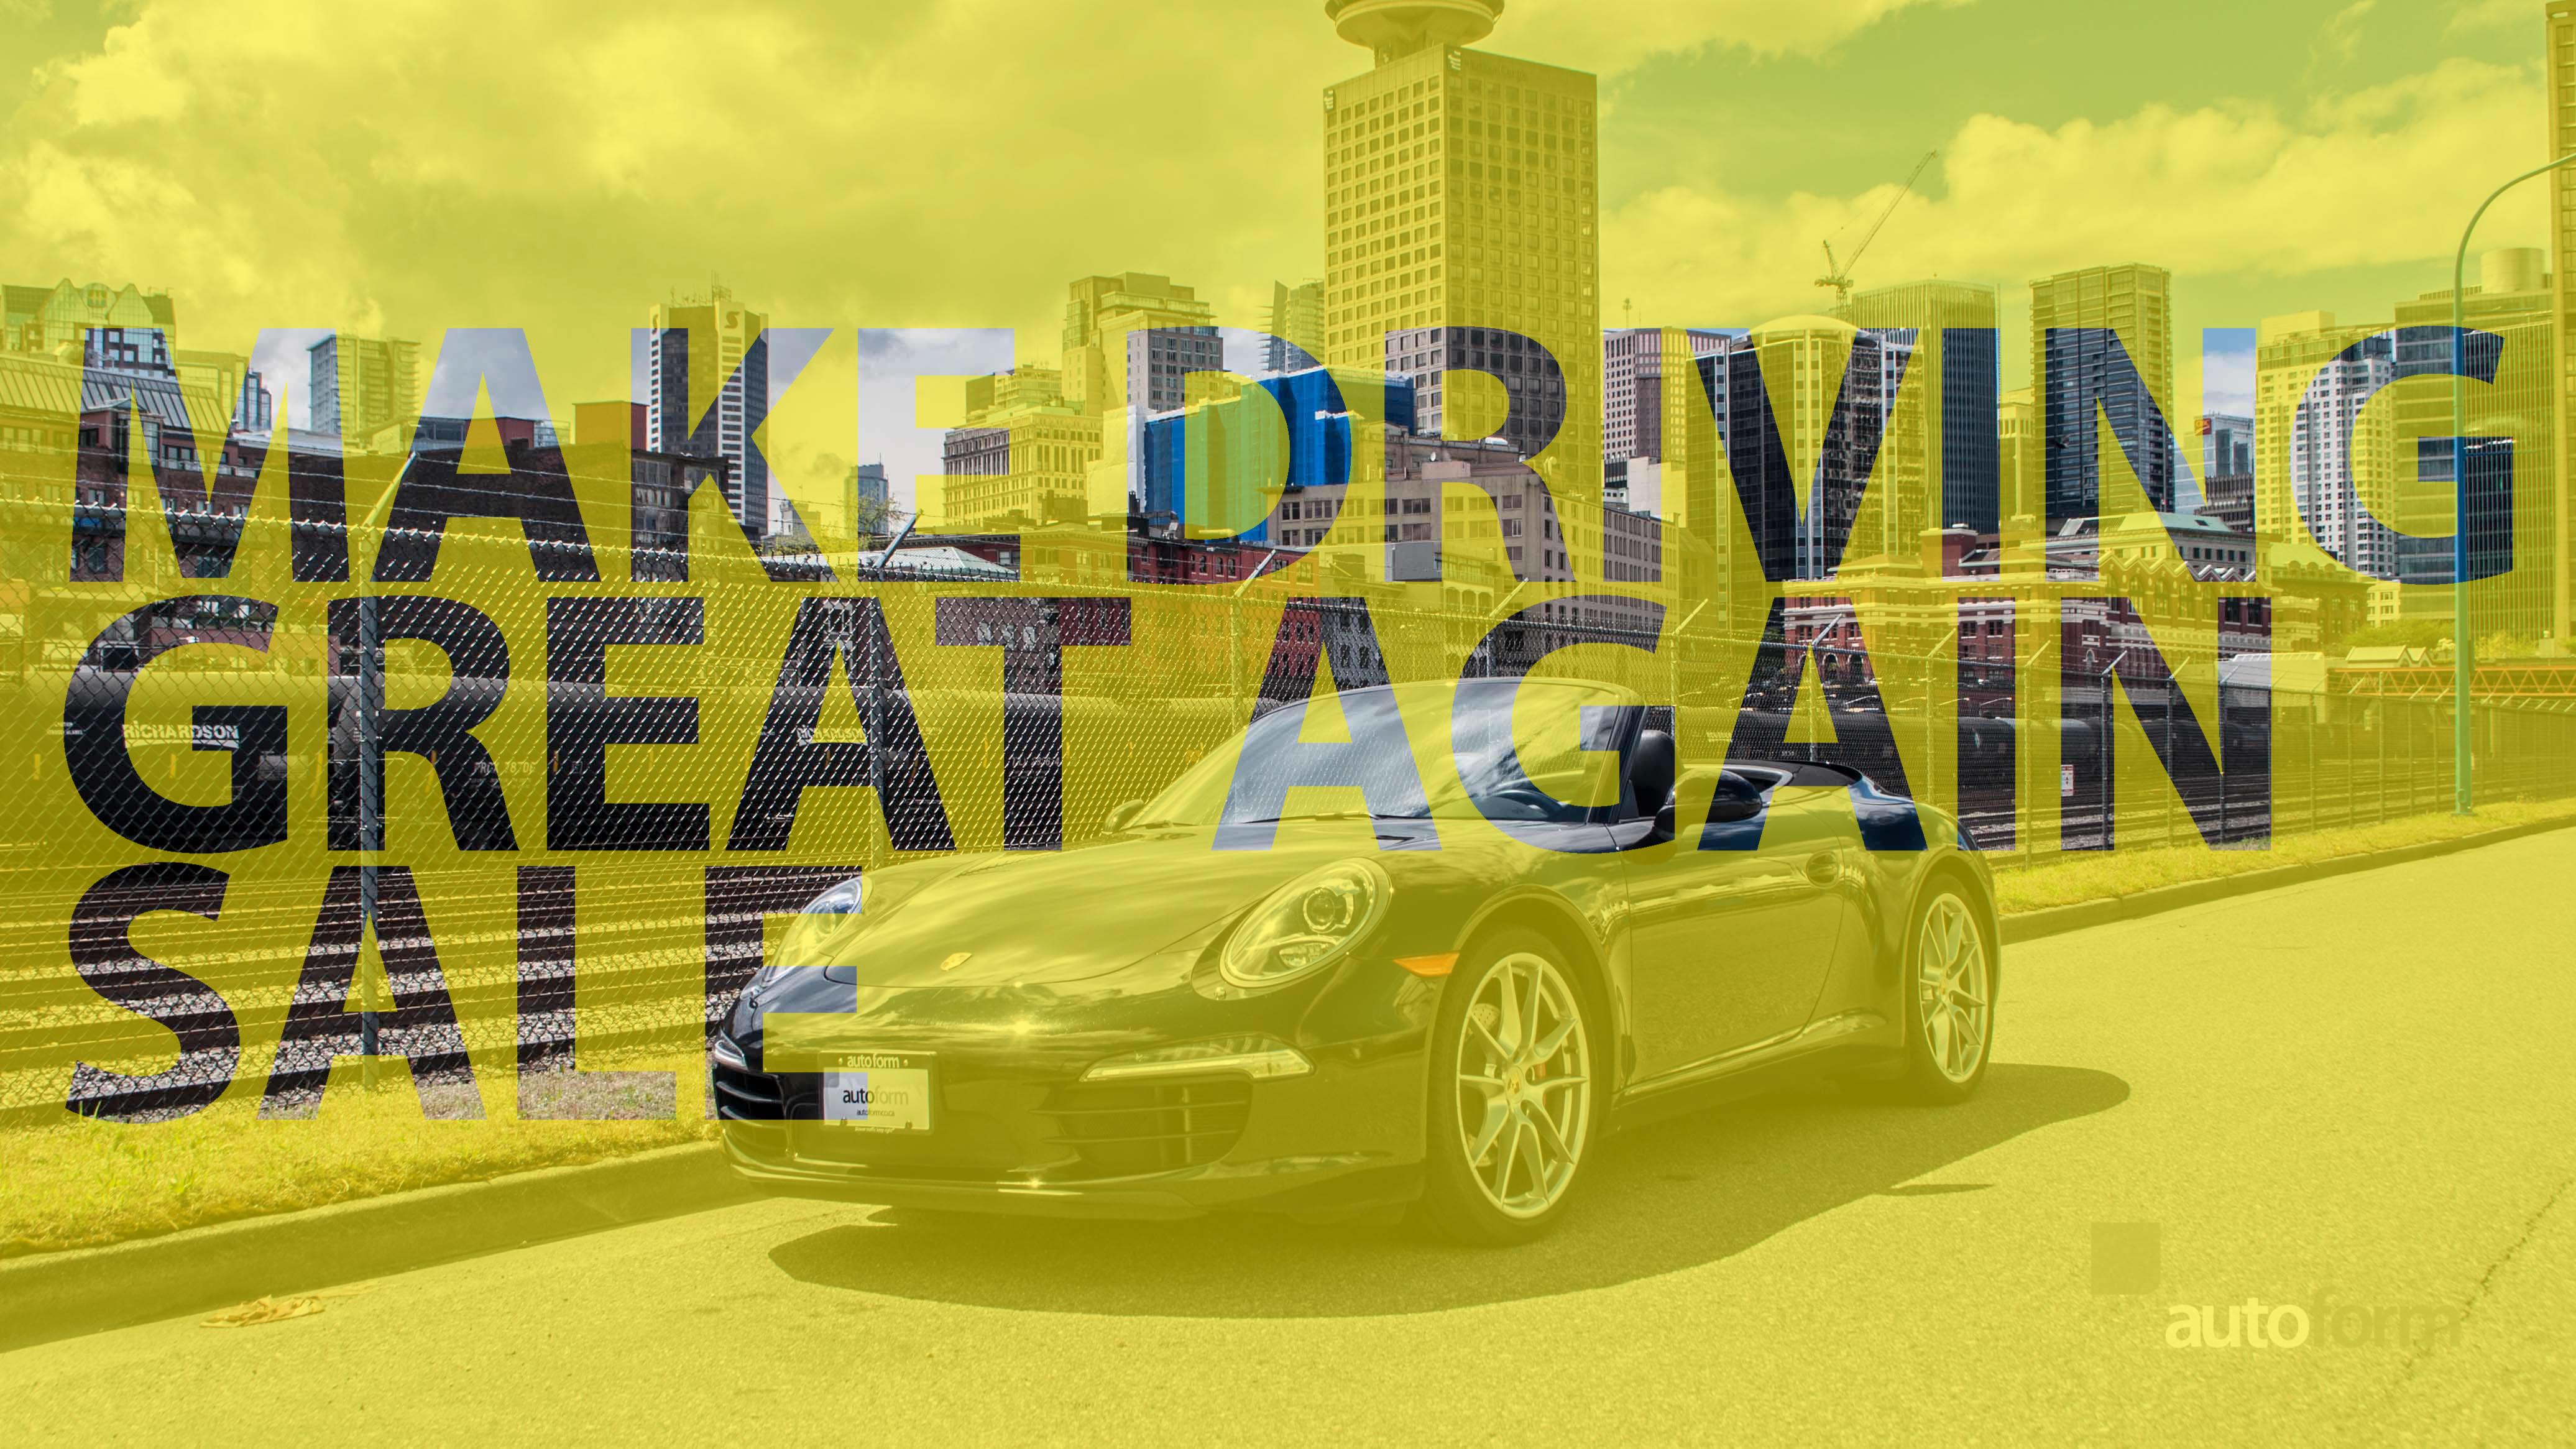 8995 d166de38ef4c2012porsche 911 cabriolet carrera vancouver autoform5